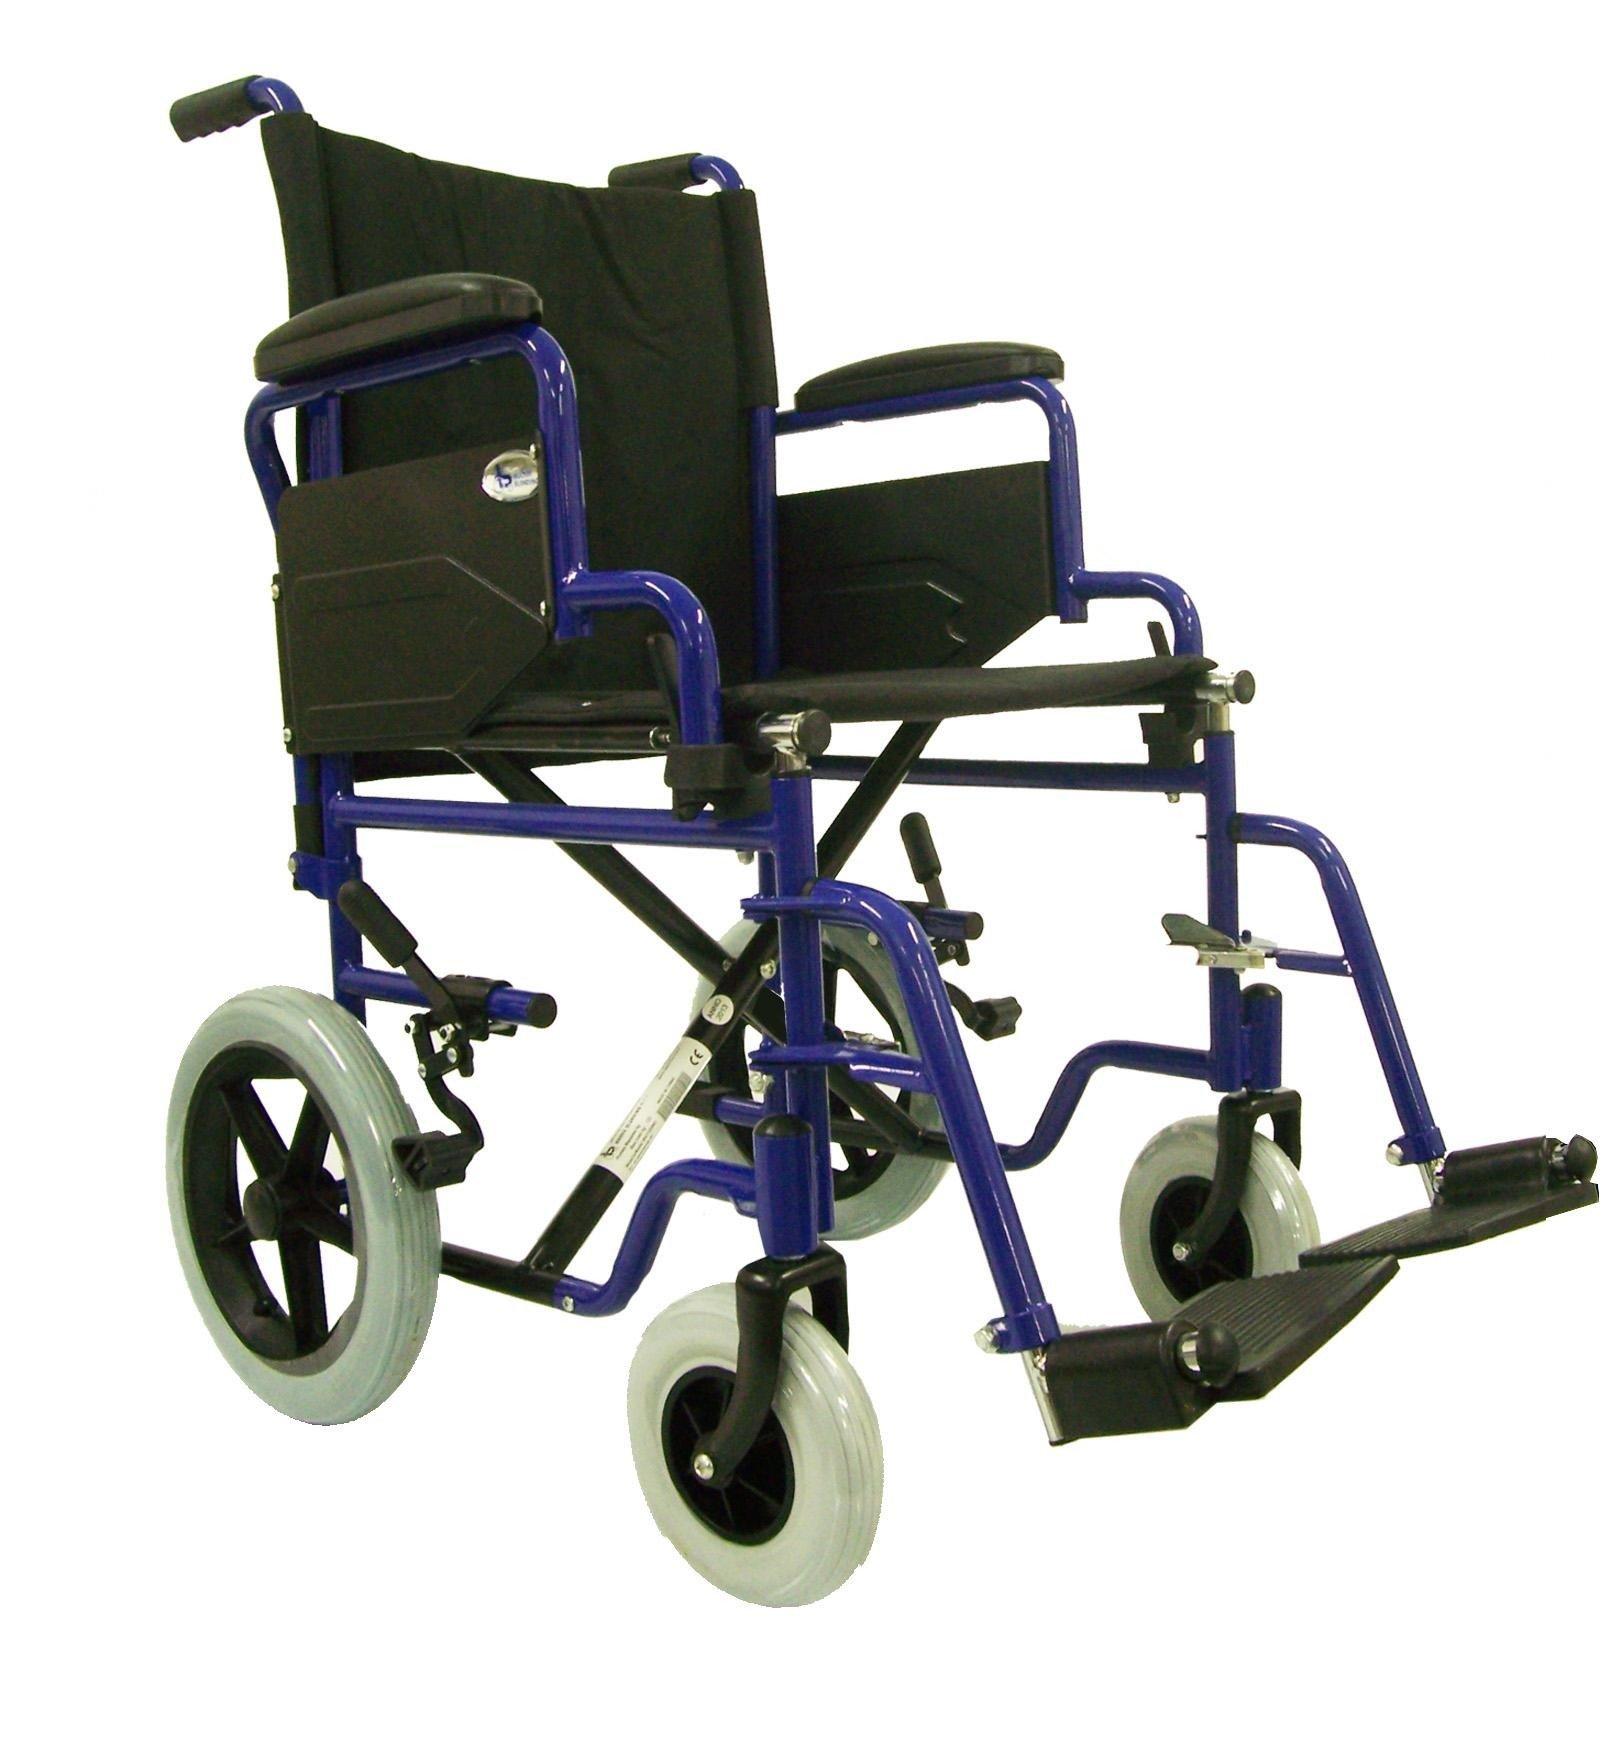 Carrozzina o sedia a rotelle pieghevole da transito